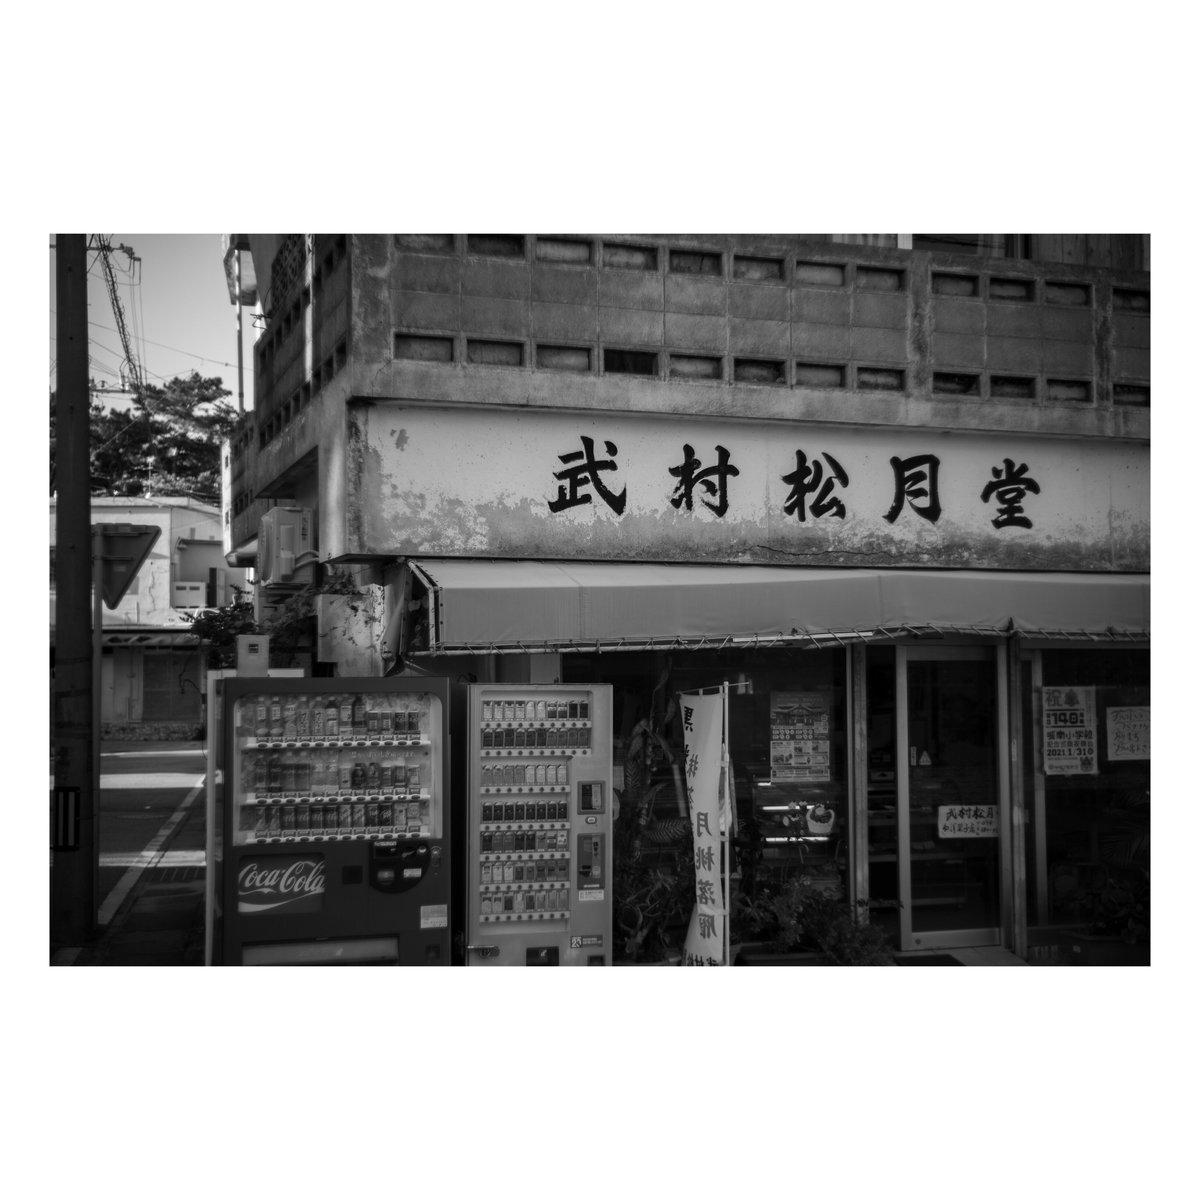 #写真 #ファインダー越しの私の世界  #写真シェア #写真好きと繋がりたい #monochrome #モノクロ #モノクロの世界 #Nikon #Z6 #Summitar #沖縄 #お写ん歩  #vsco